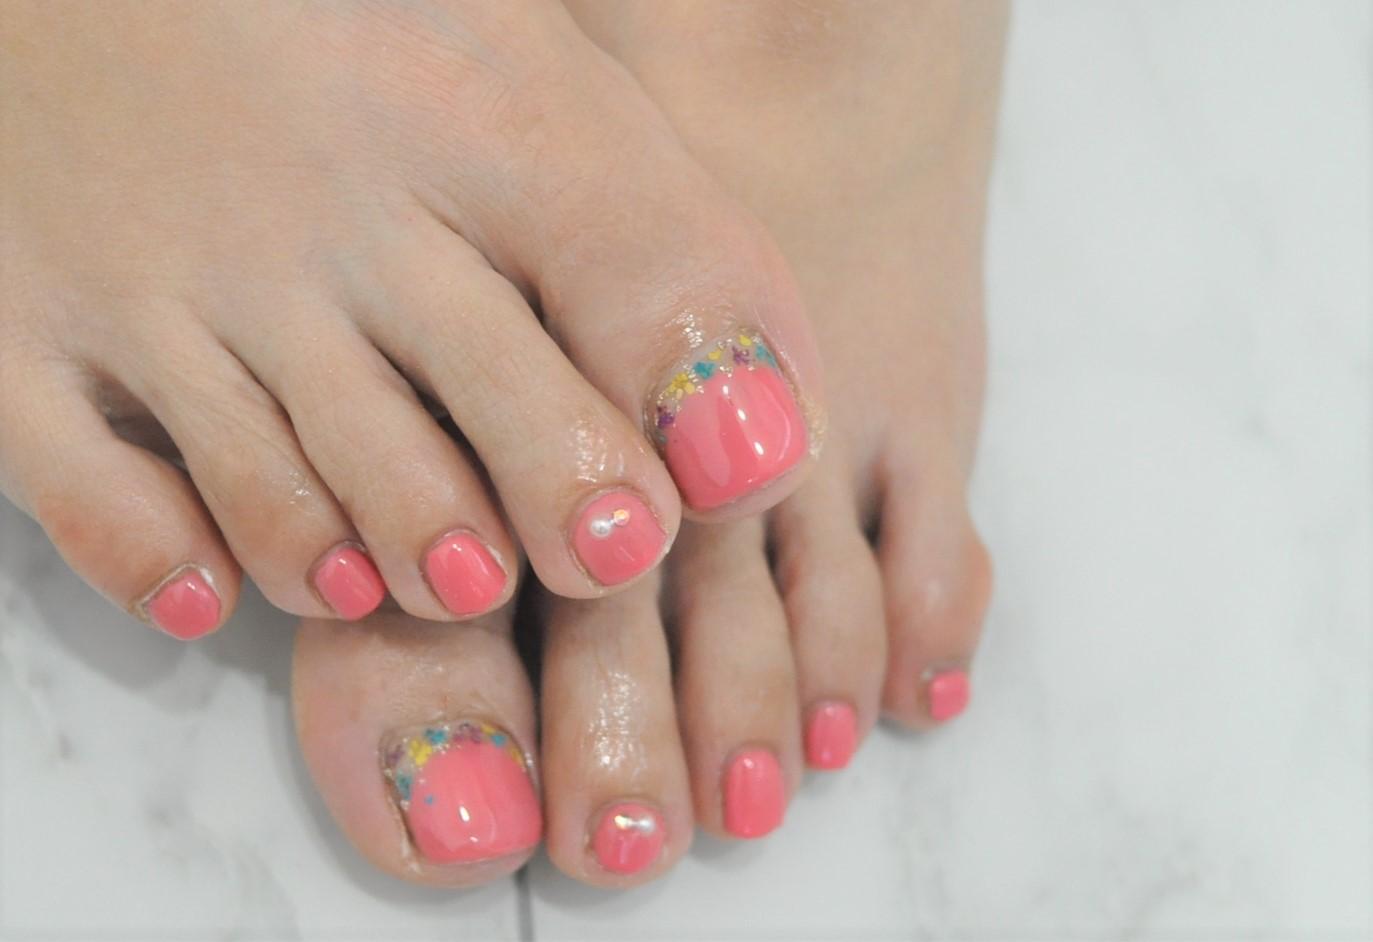 春フットネイル2021年,押し花ネイル,ピンク